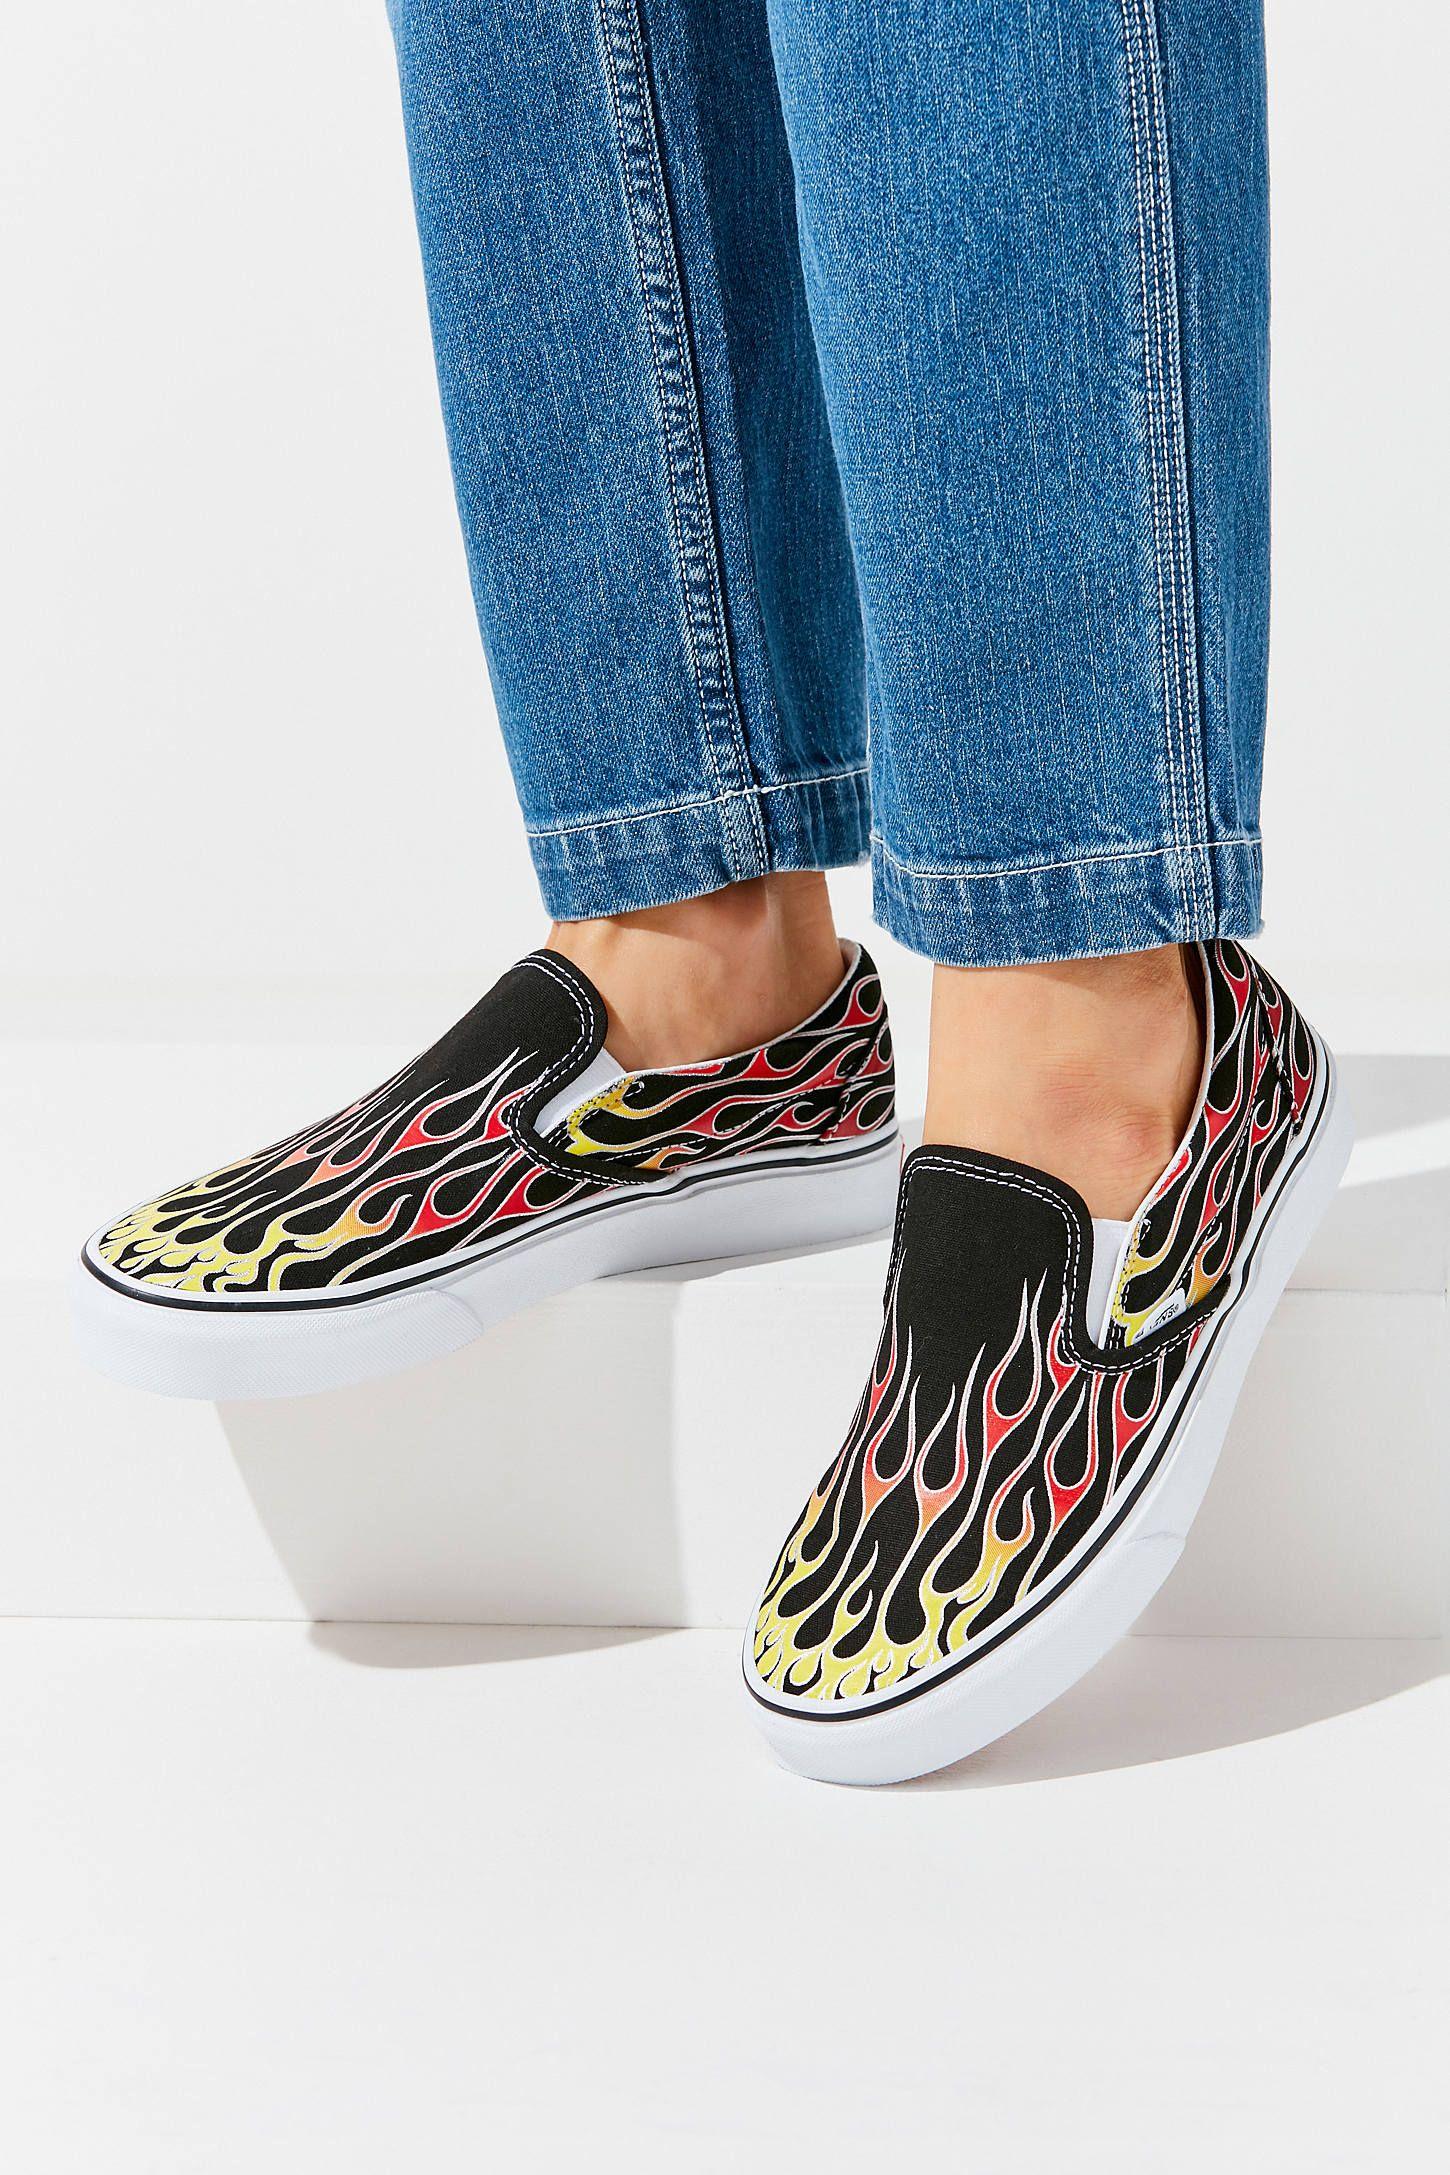 Vans Mashup Flame Slip-On Sneaker